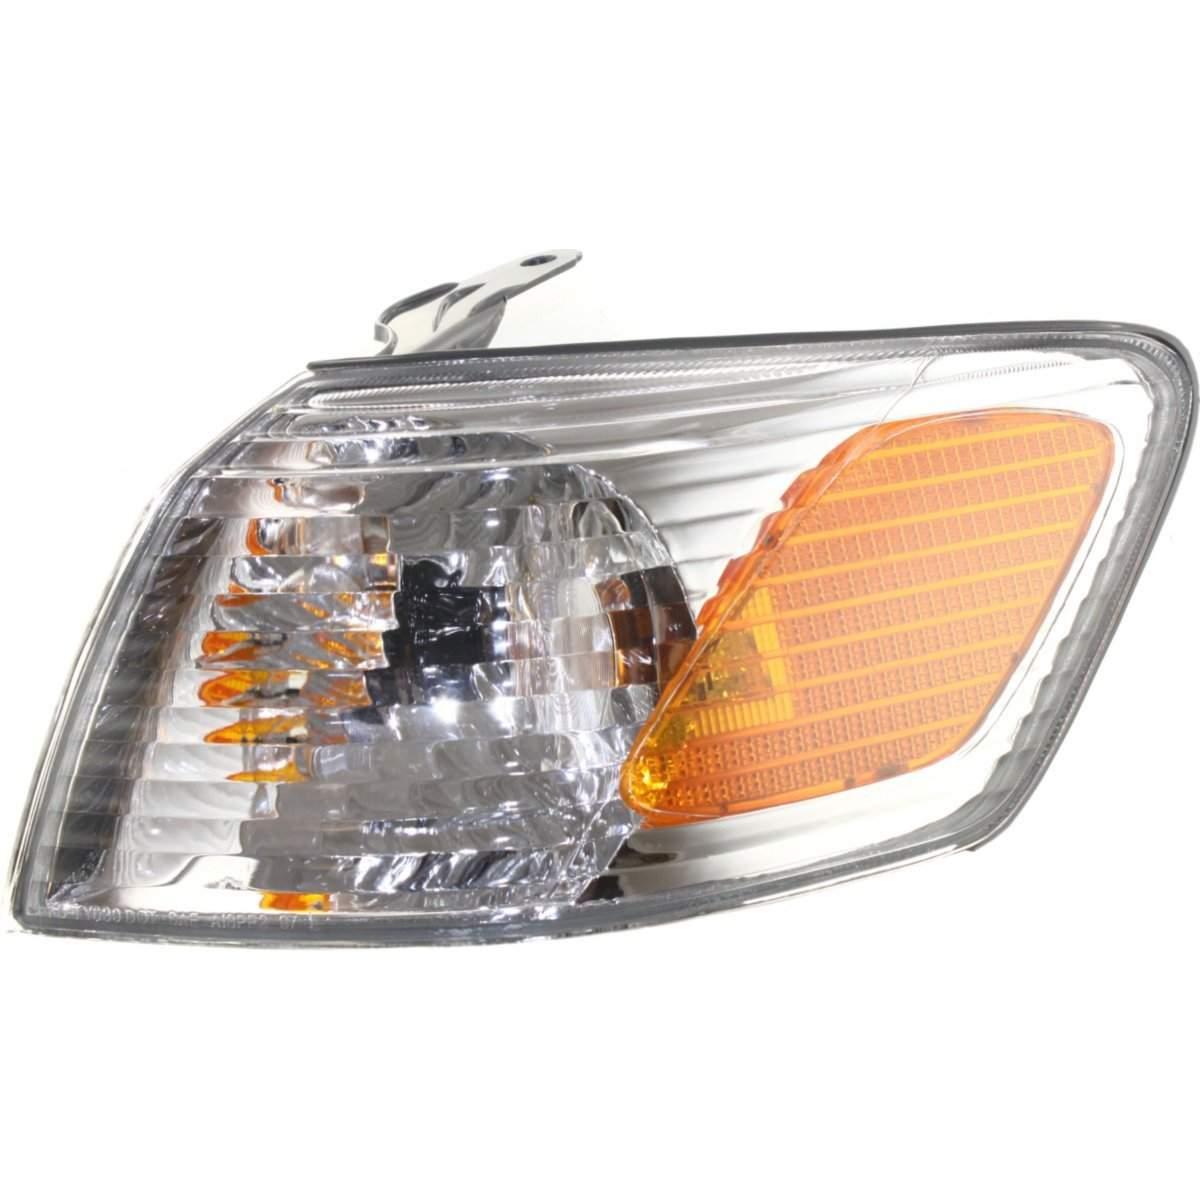 コーナーライト Corner Light For 2000-2001 Toyota Camry Driver Side Incandescent w/ Bulb コーナーライト2000-2001用トヨタカムリドライバサイド白熱電球